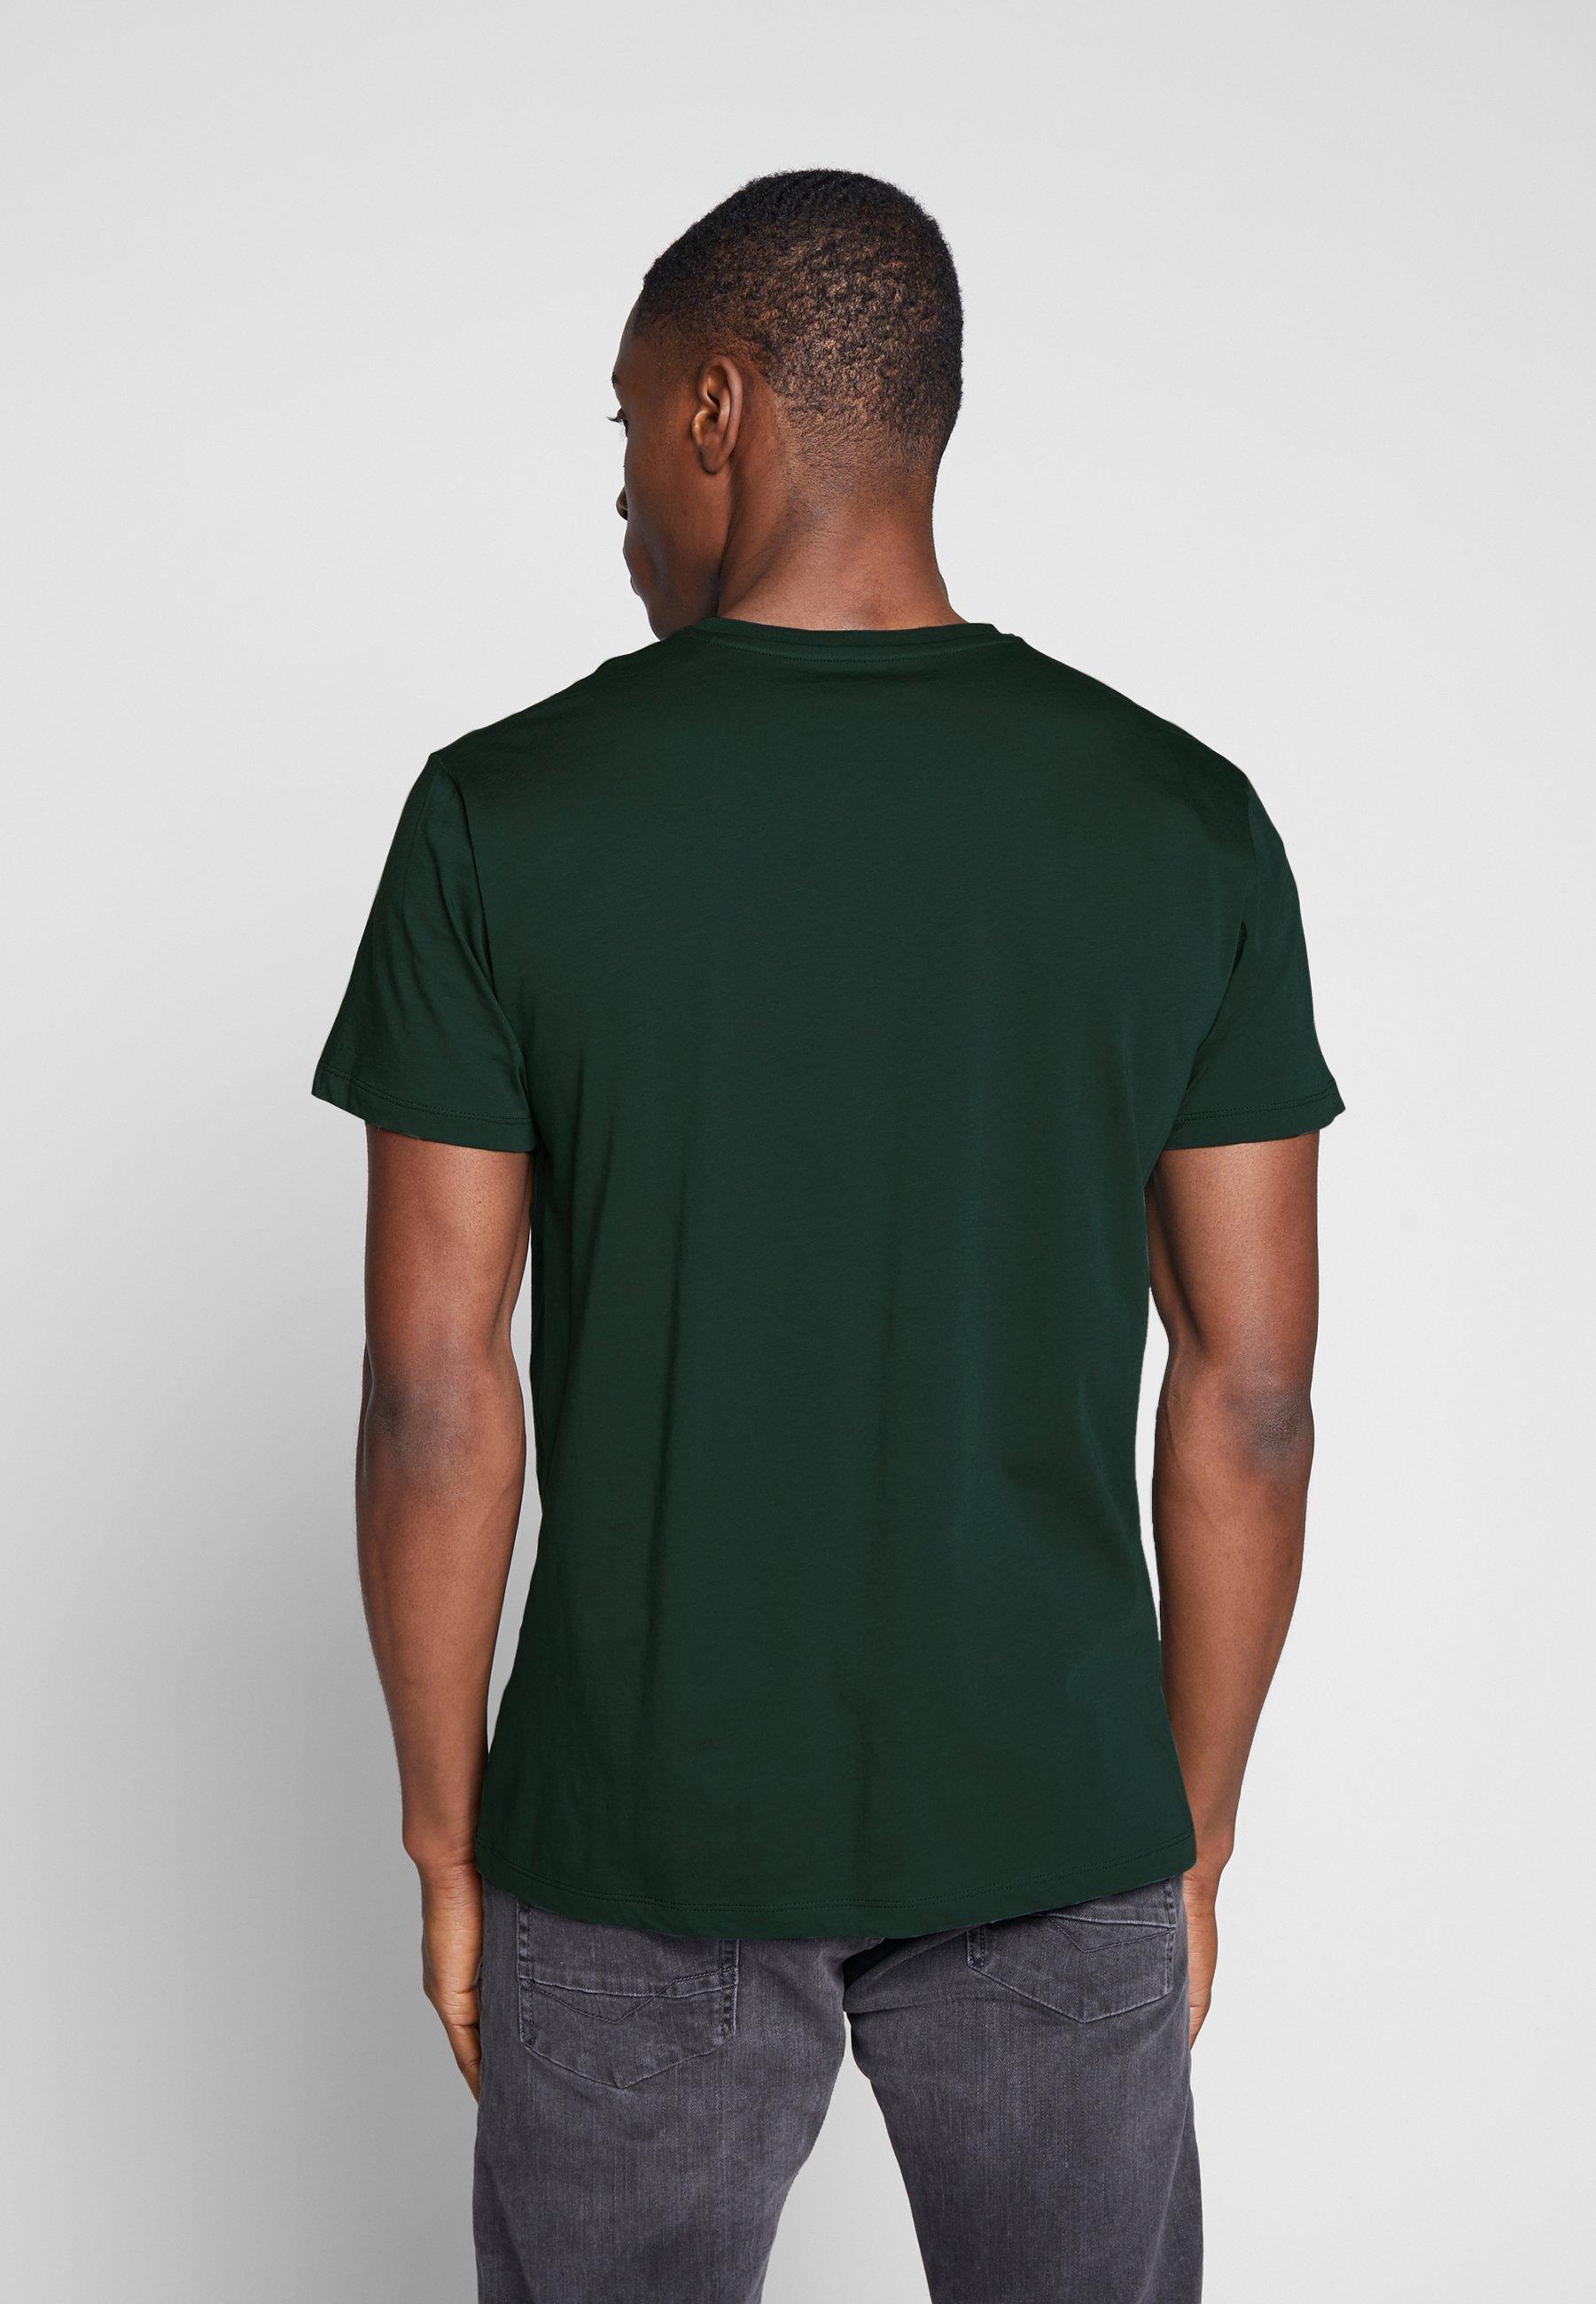 Esprit Basic T-shirt - teal blue A1lLT